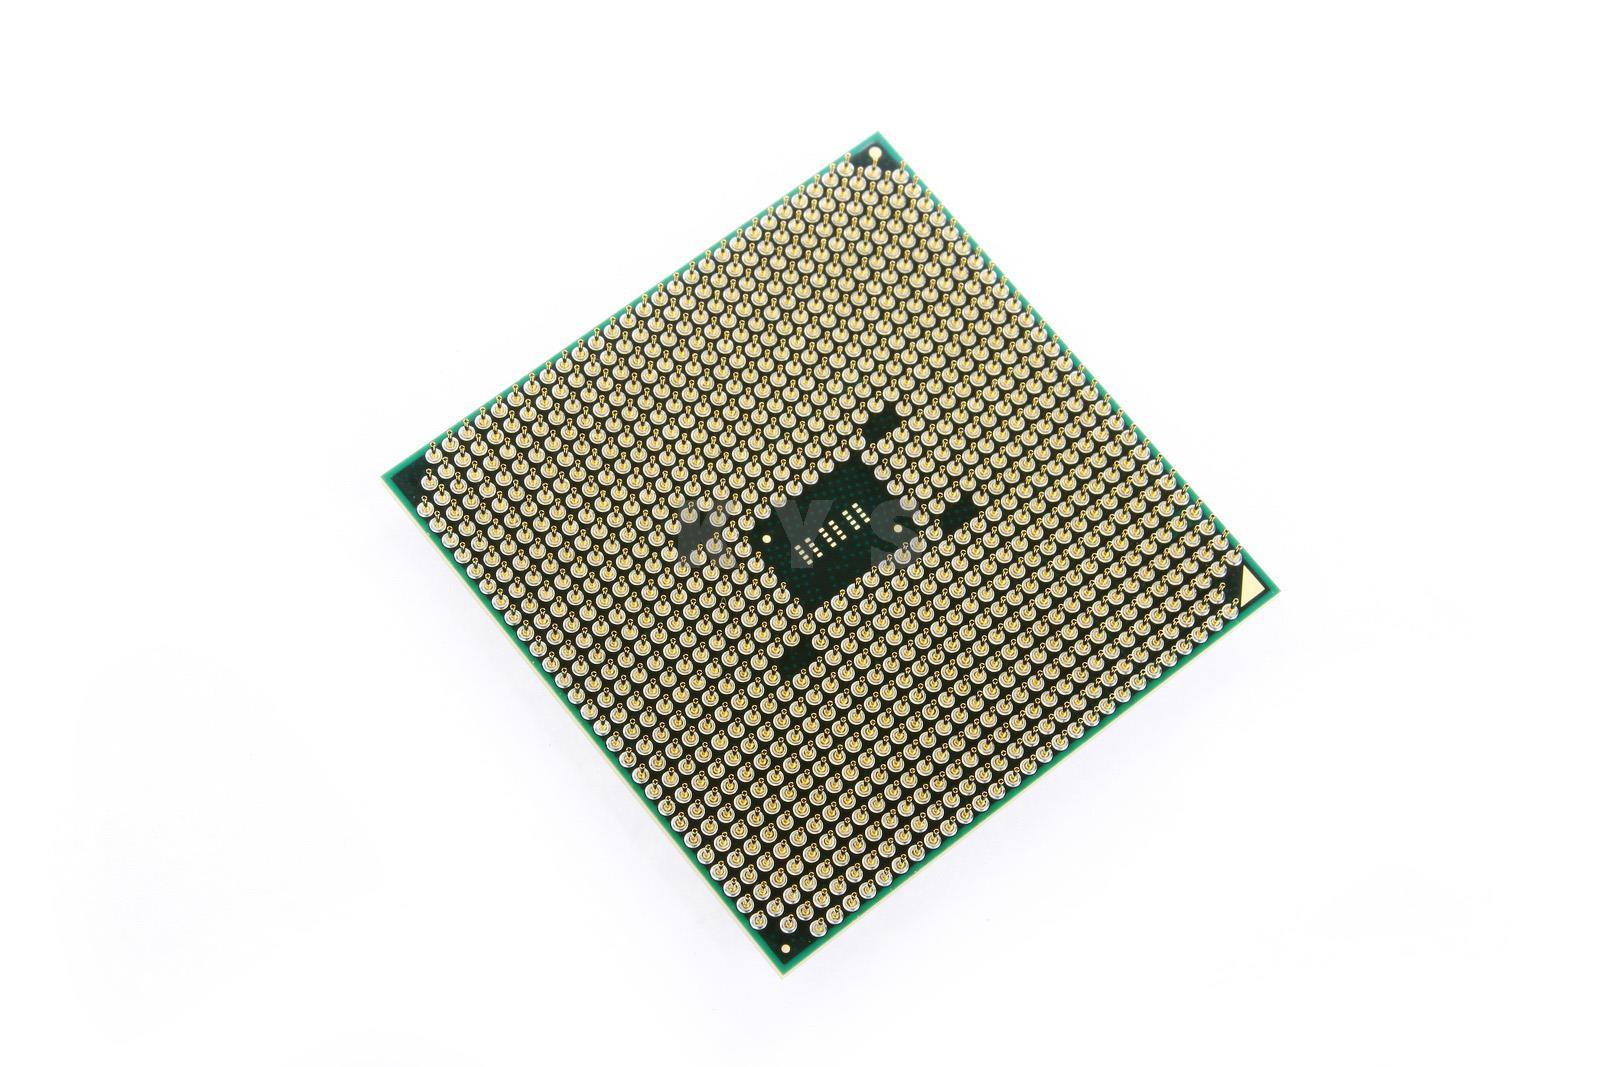 Здесь можно купить  I5 4590 Dual Core 3.3GHz Socket LGA 1150 CPU Boxed I5 4590 Dual Core 3.3GHz Socket LGA 1150 CPU Boxed Компьютер & сеть